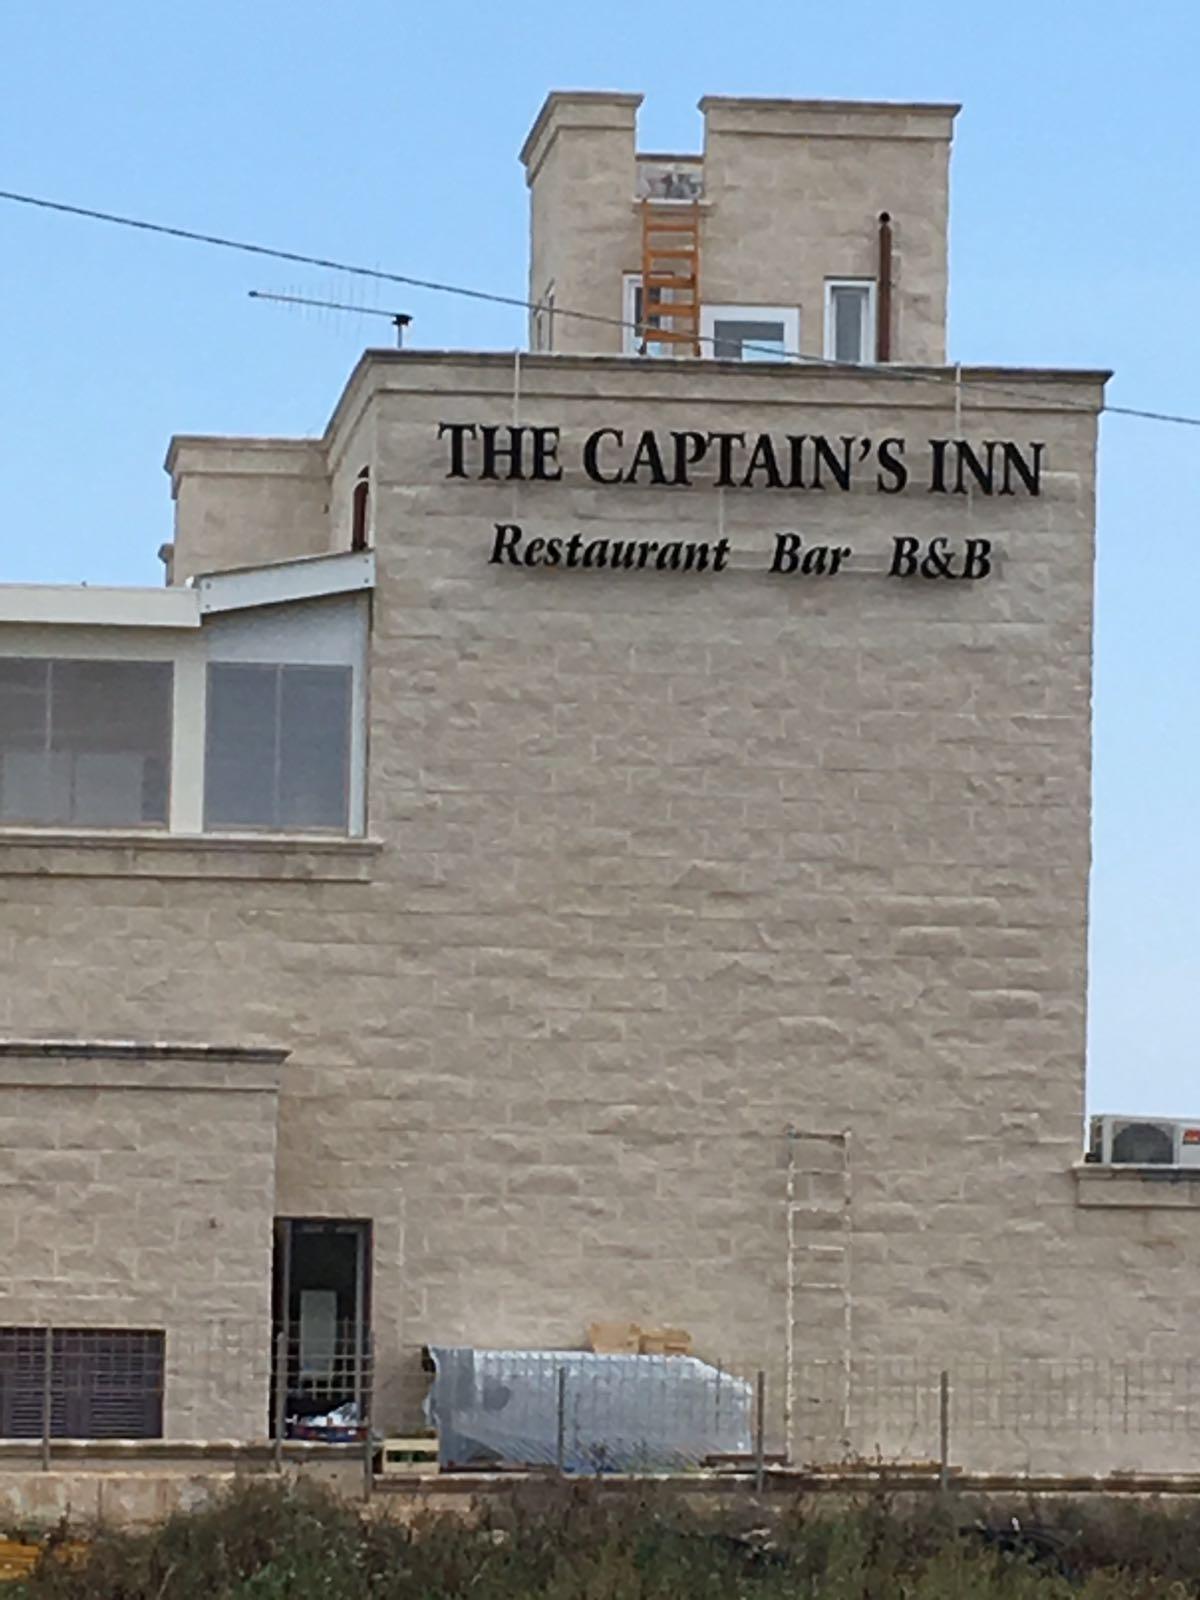 THE CAPTAIN'S INN